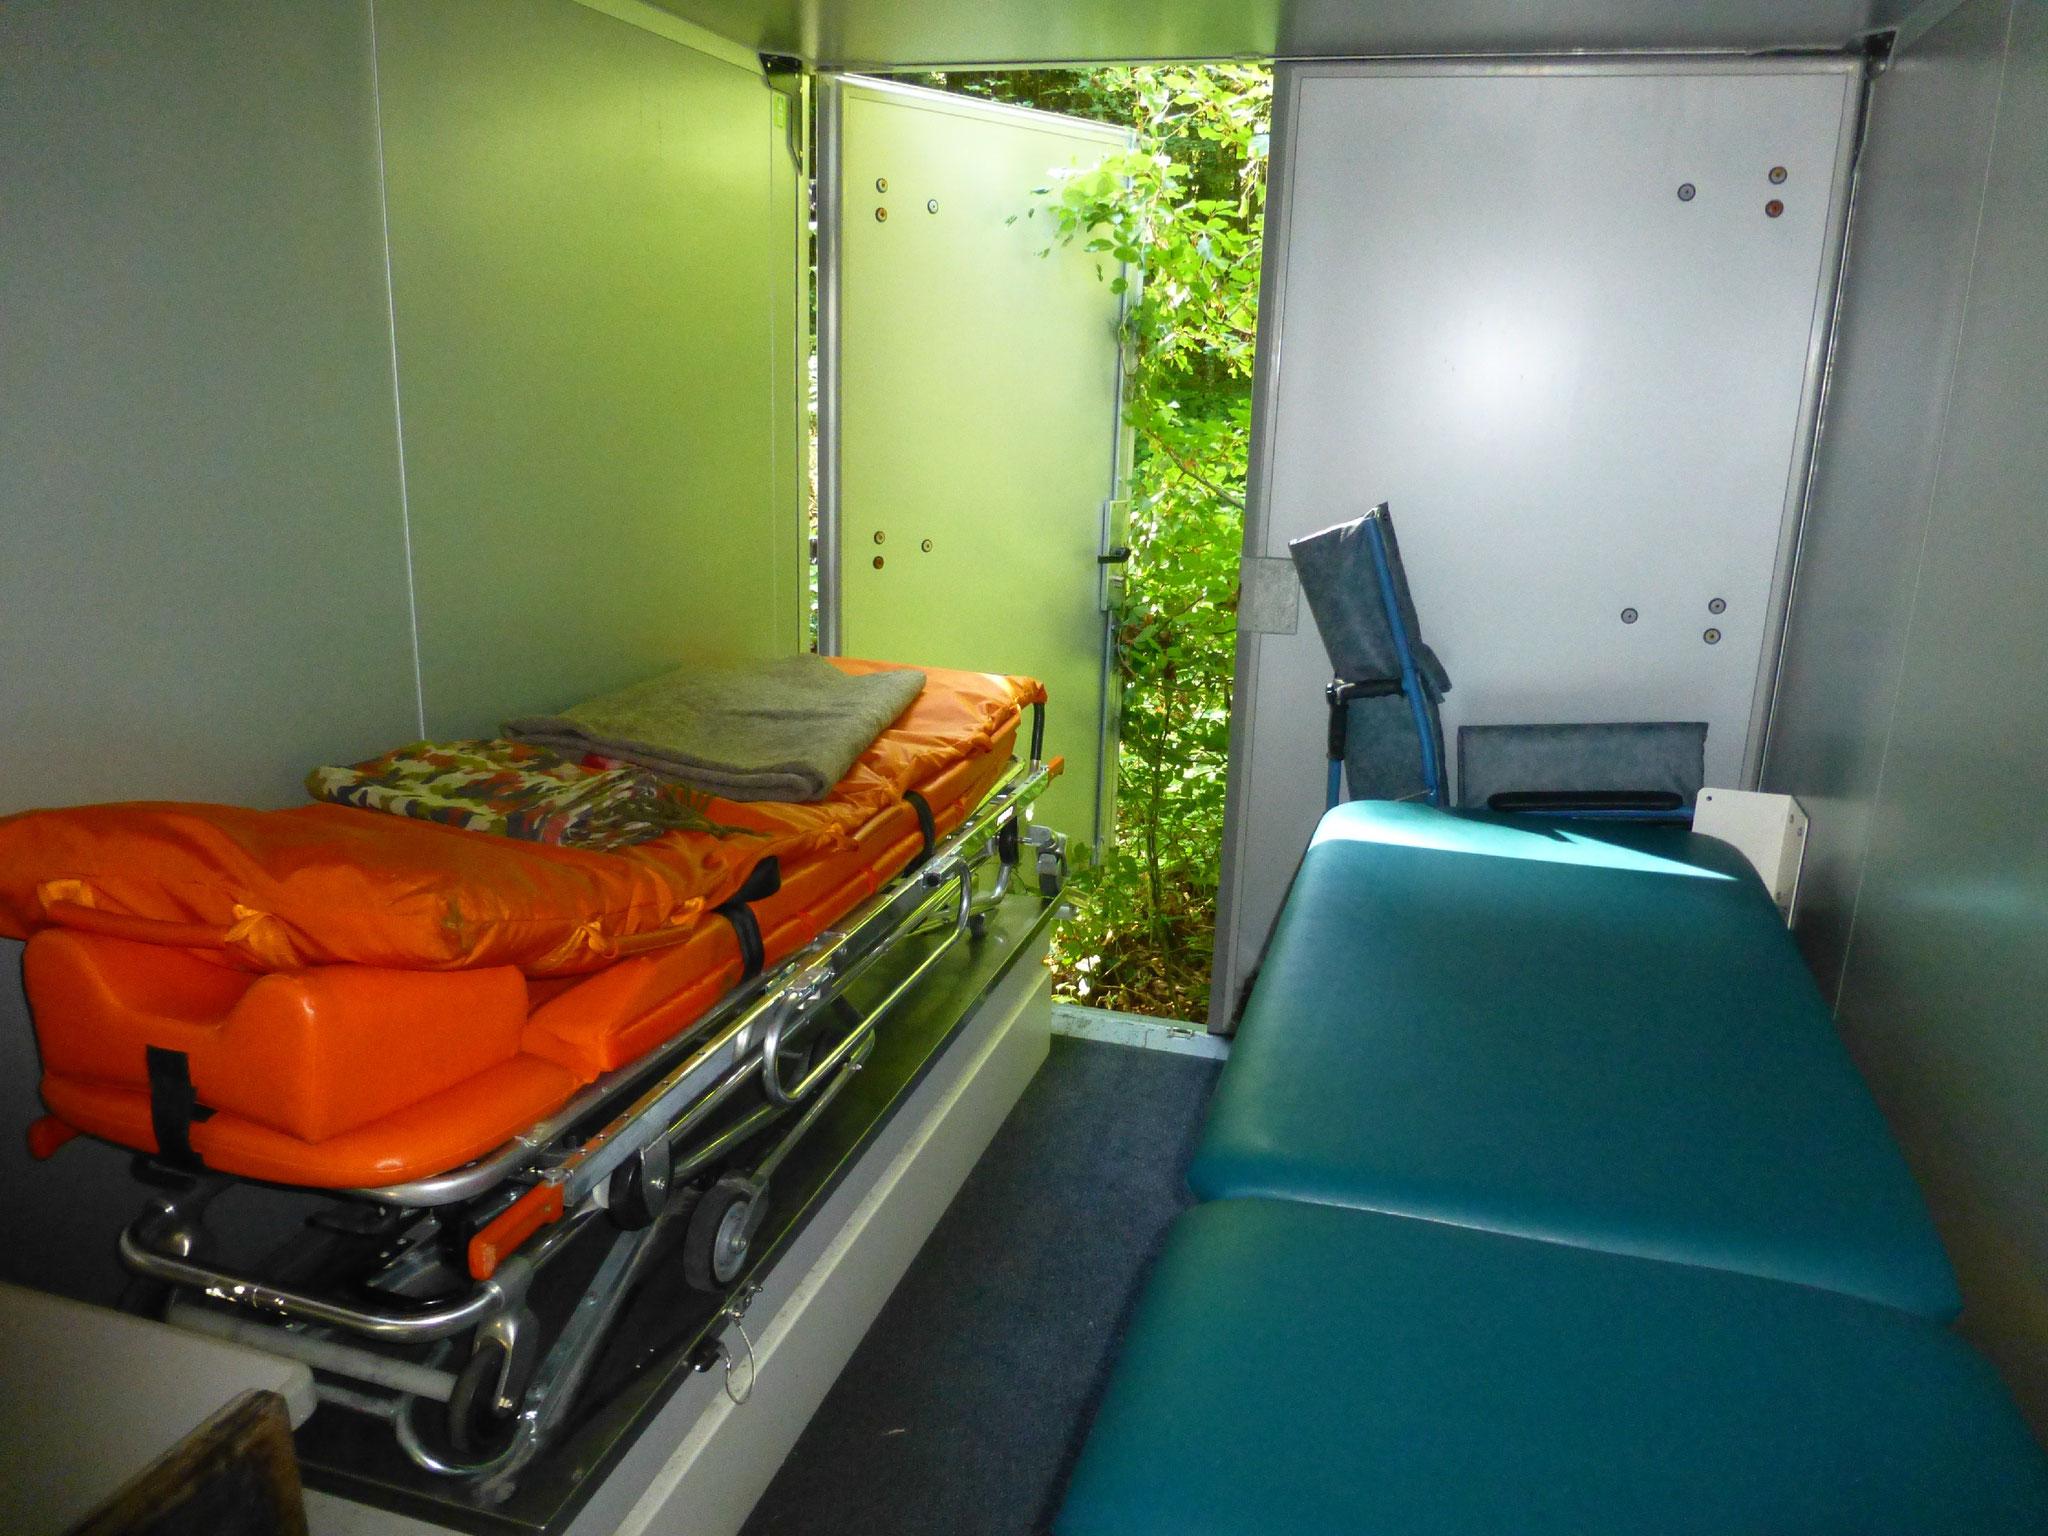 Platz für zwei liegende Patienten